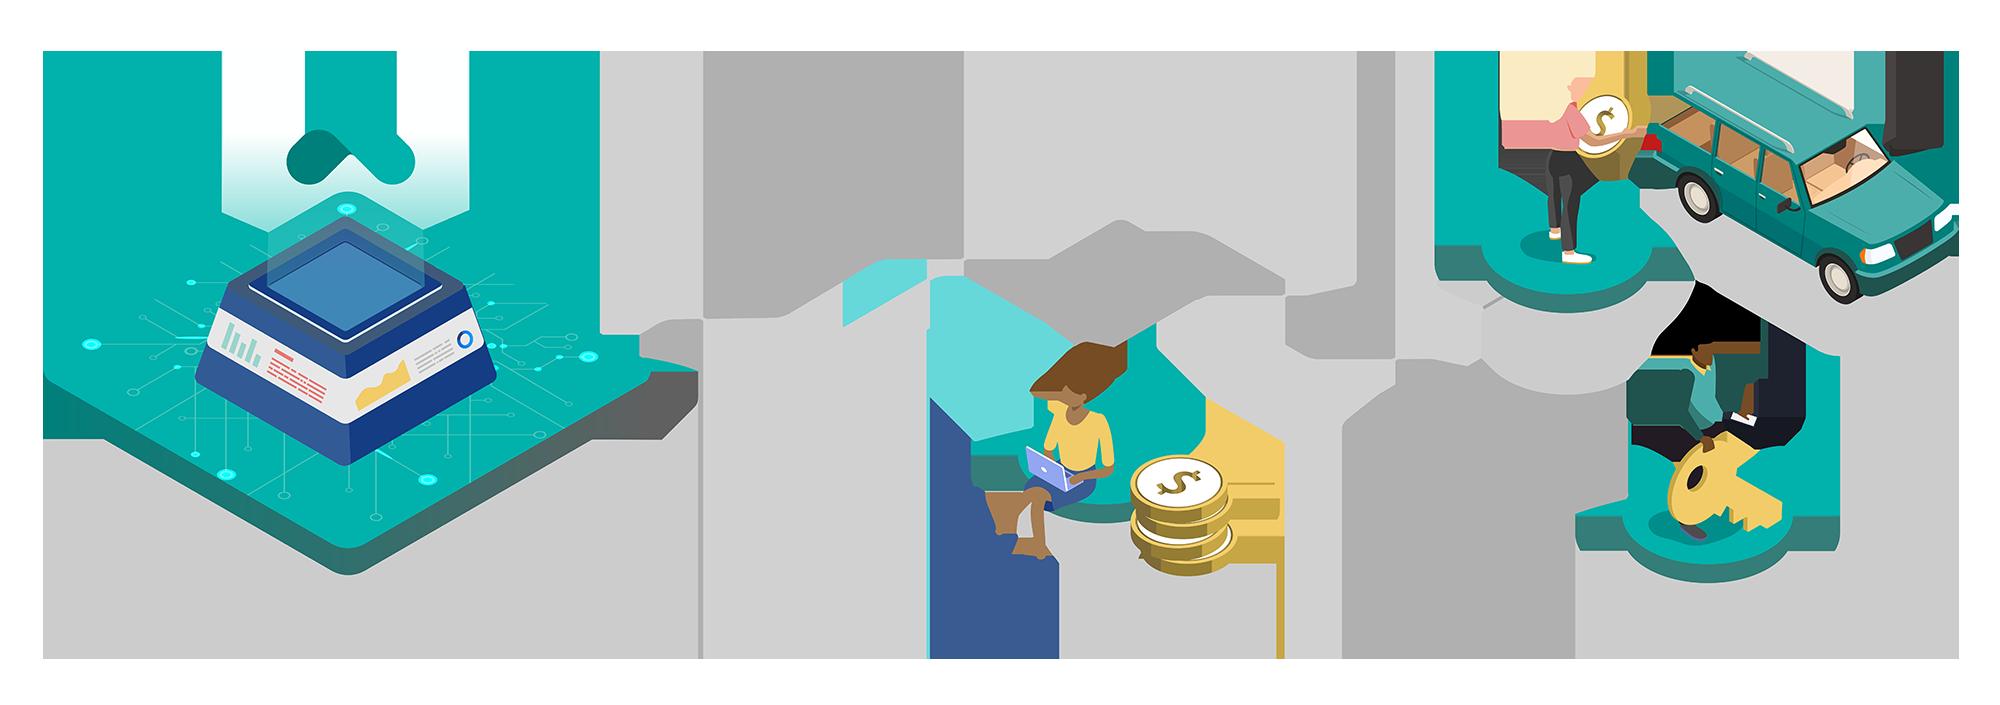 Upstart-IPO-Illustration-02